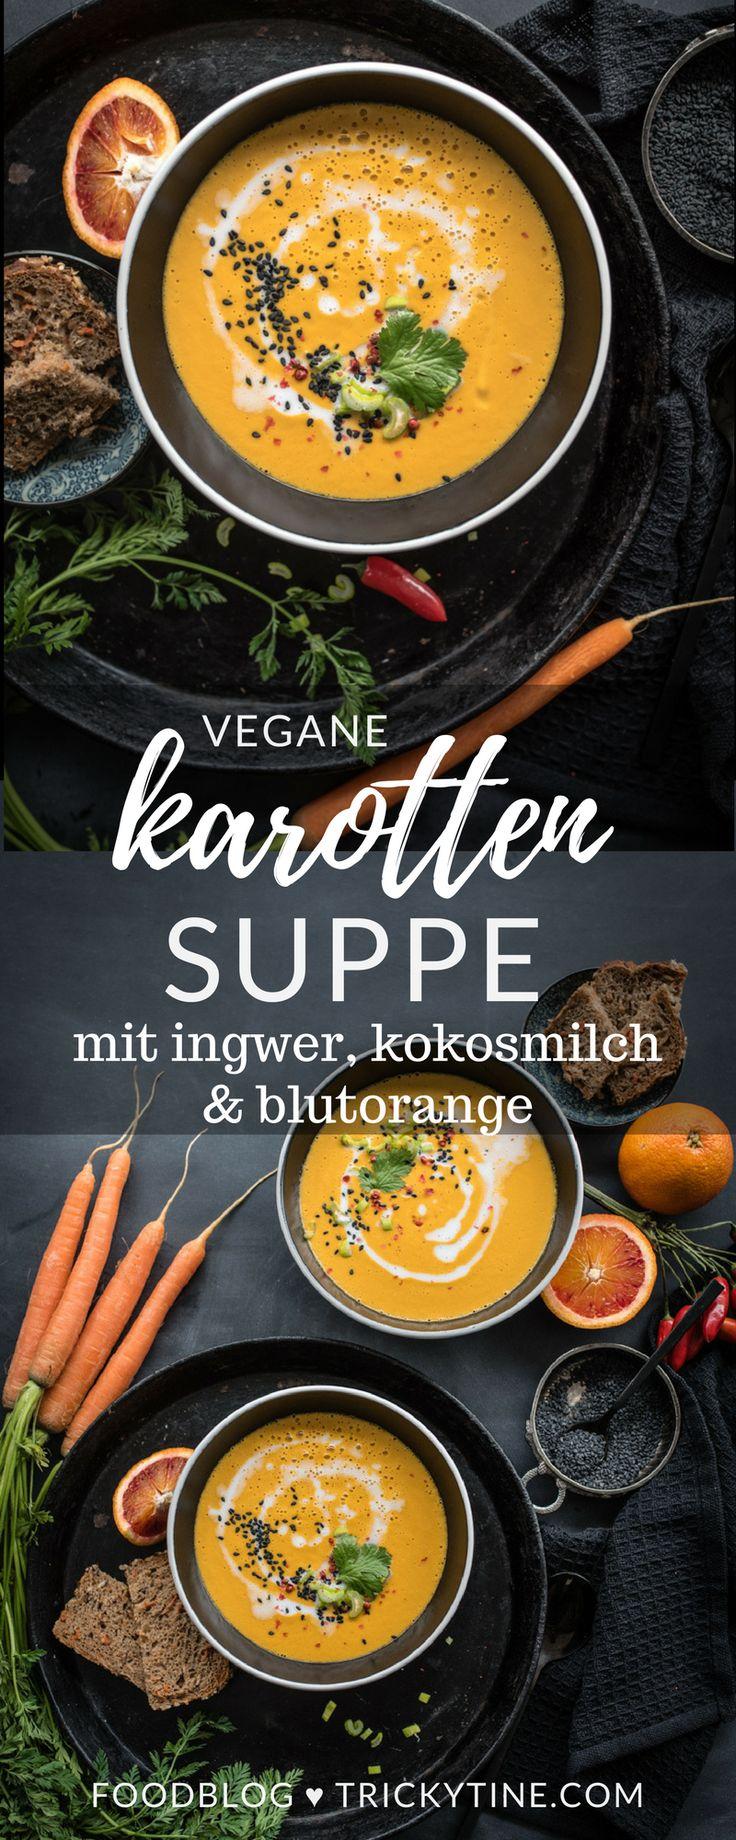 vegane karottensuppe mit kokosmilch, ingwer und blutorange. so lecker & ganz leicht gemacht ♥ trickytine.com